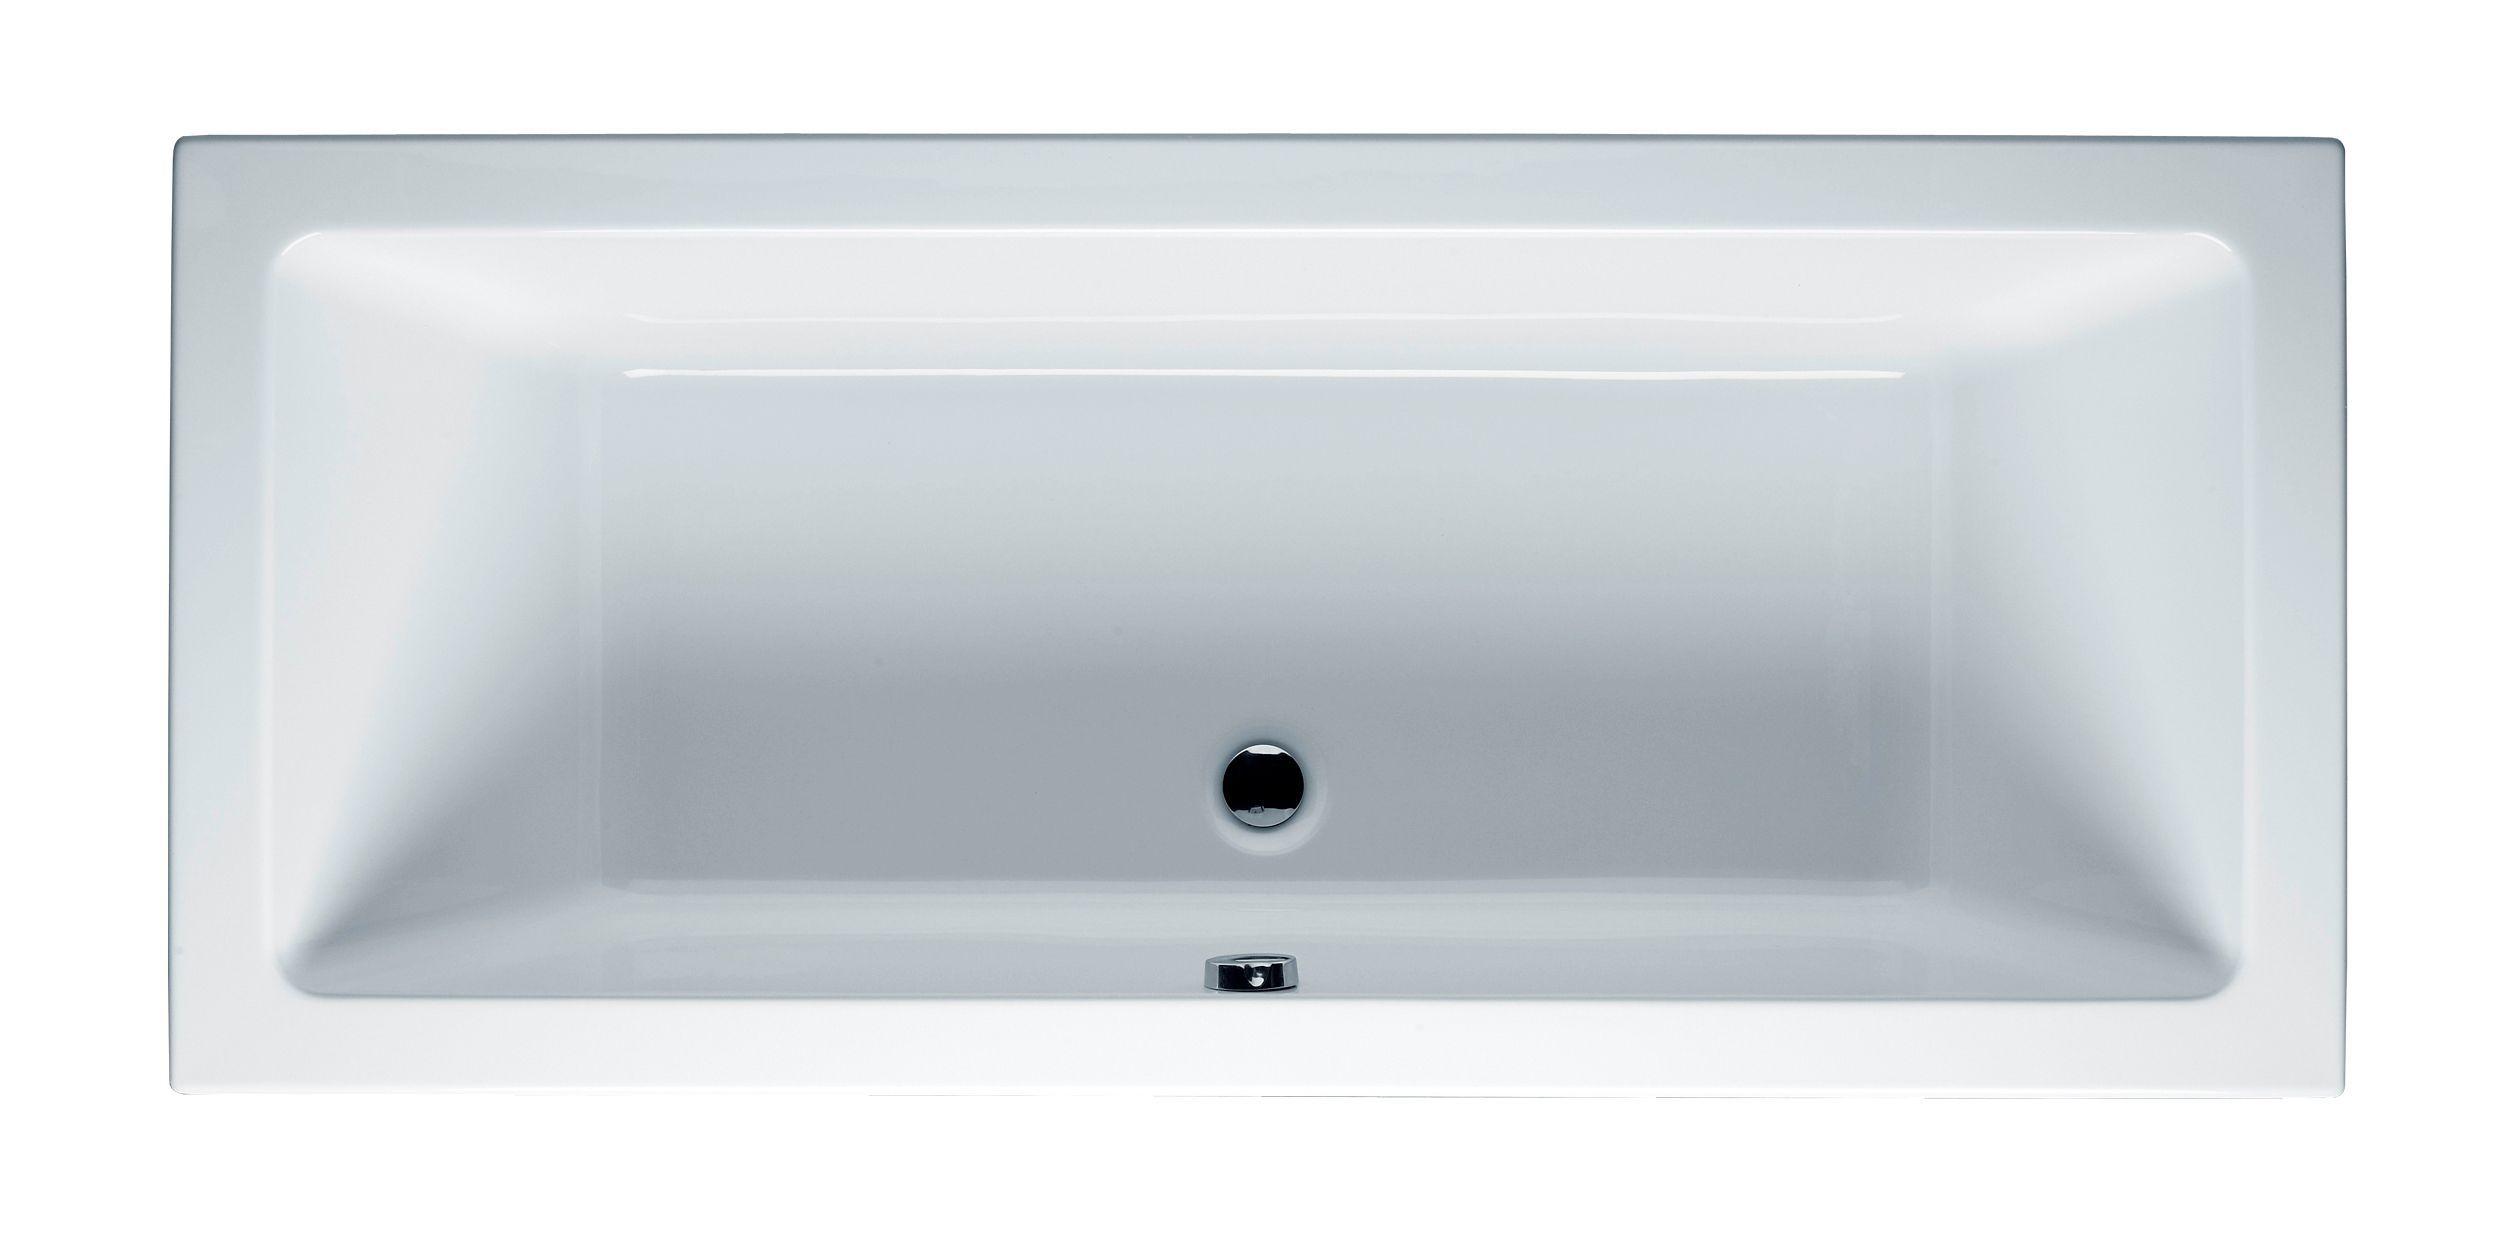 Acrylic bathtub - LUGO - RIHO